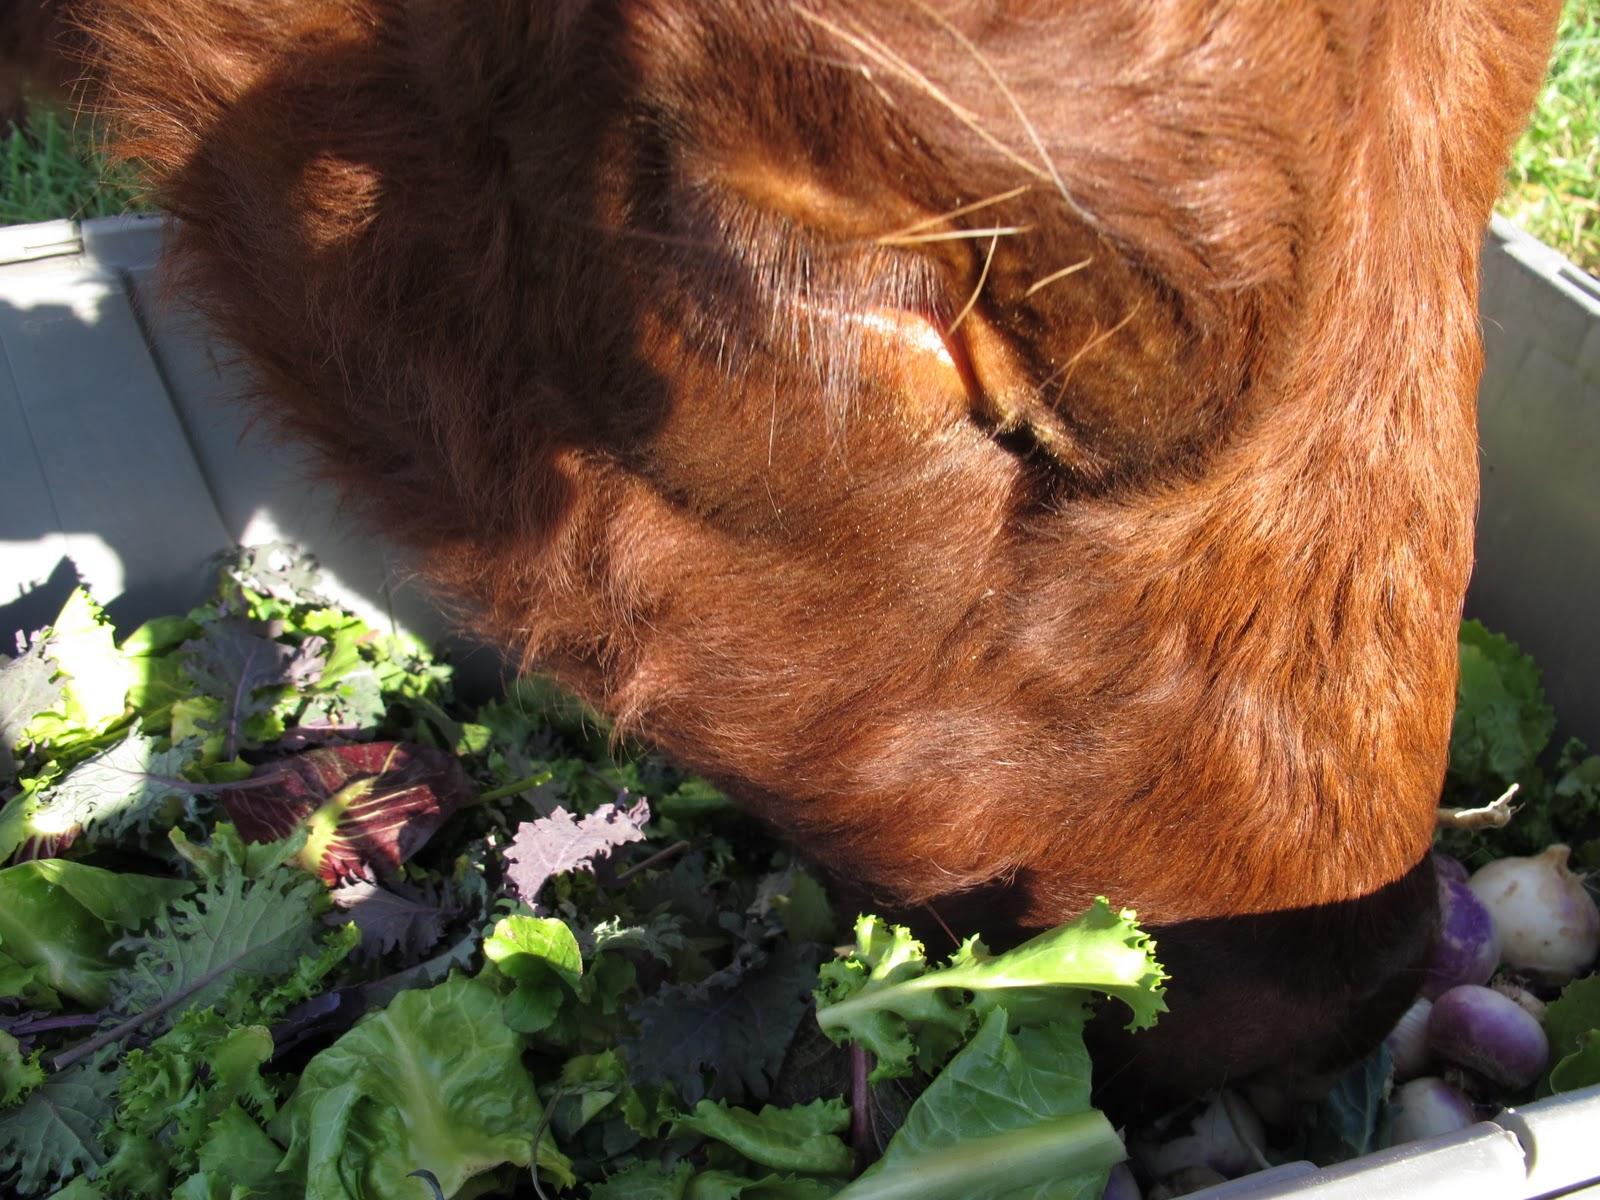 Bbw cow